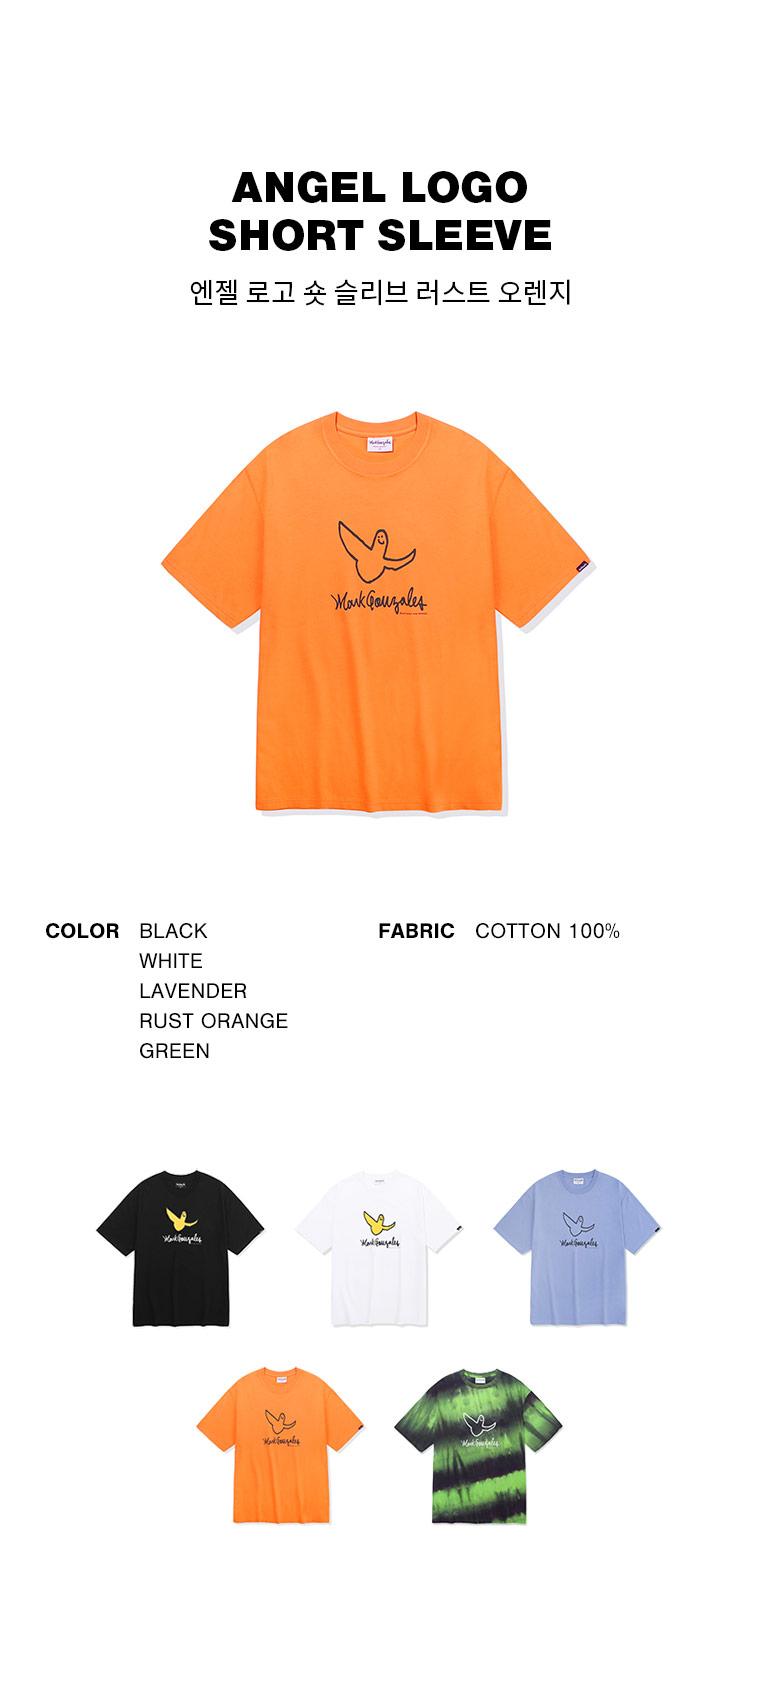 마크 곤잘레스(MARK GONZALES) 엔젤로고 반팔 티셔츠 러스트 오렌지